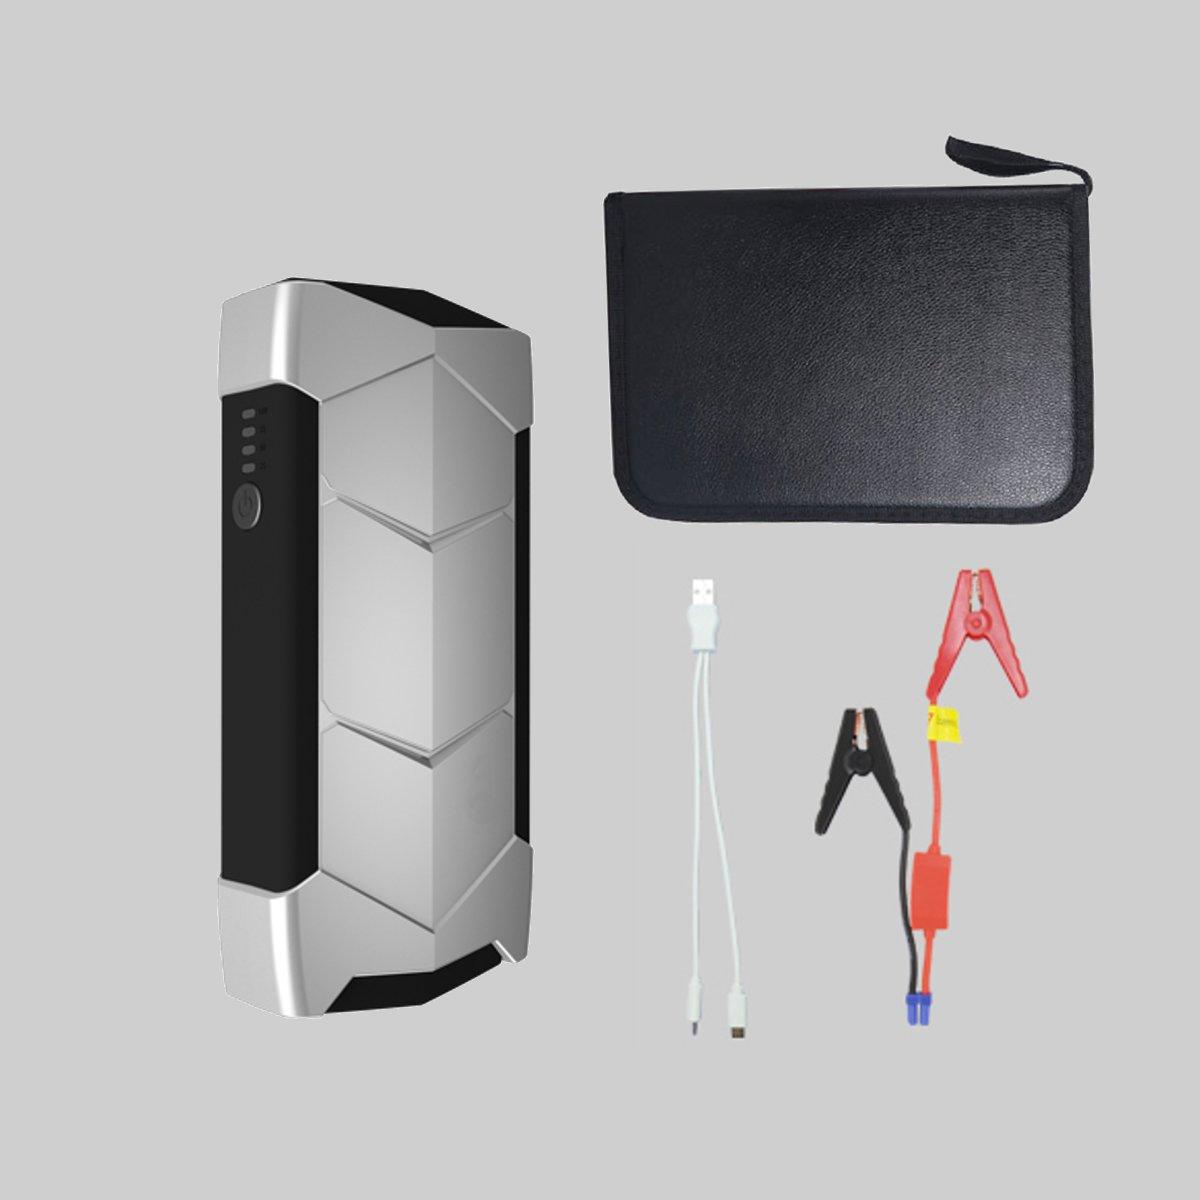 Haute Capacité 68800 mAh Voiture Saut Starte 400A 12 V Portable batterie externe De Voiture Démarreur pour la voiture amplificateur de batterie Chargeur Dispositif de Démarrage - 3